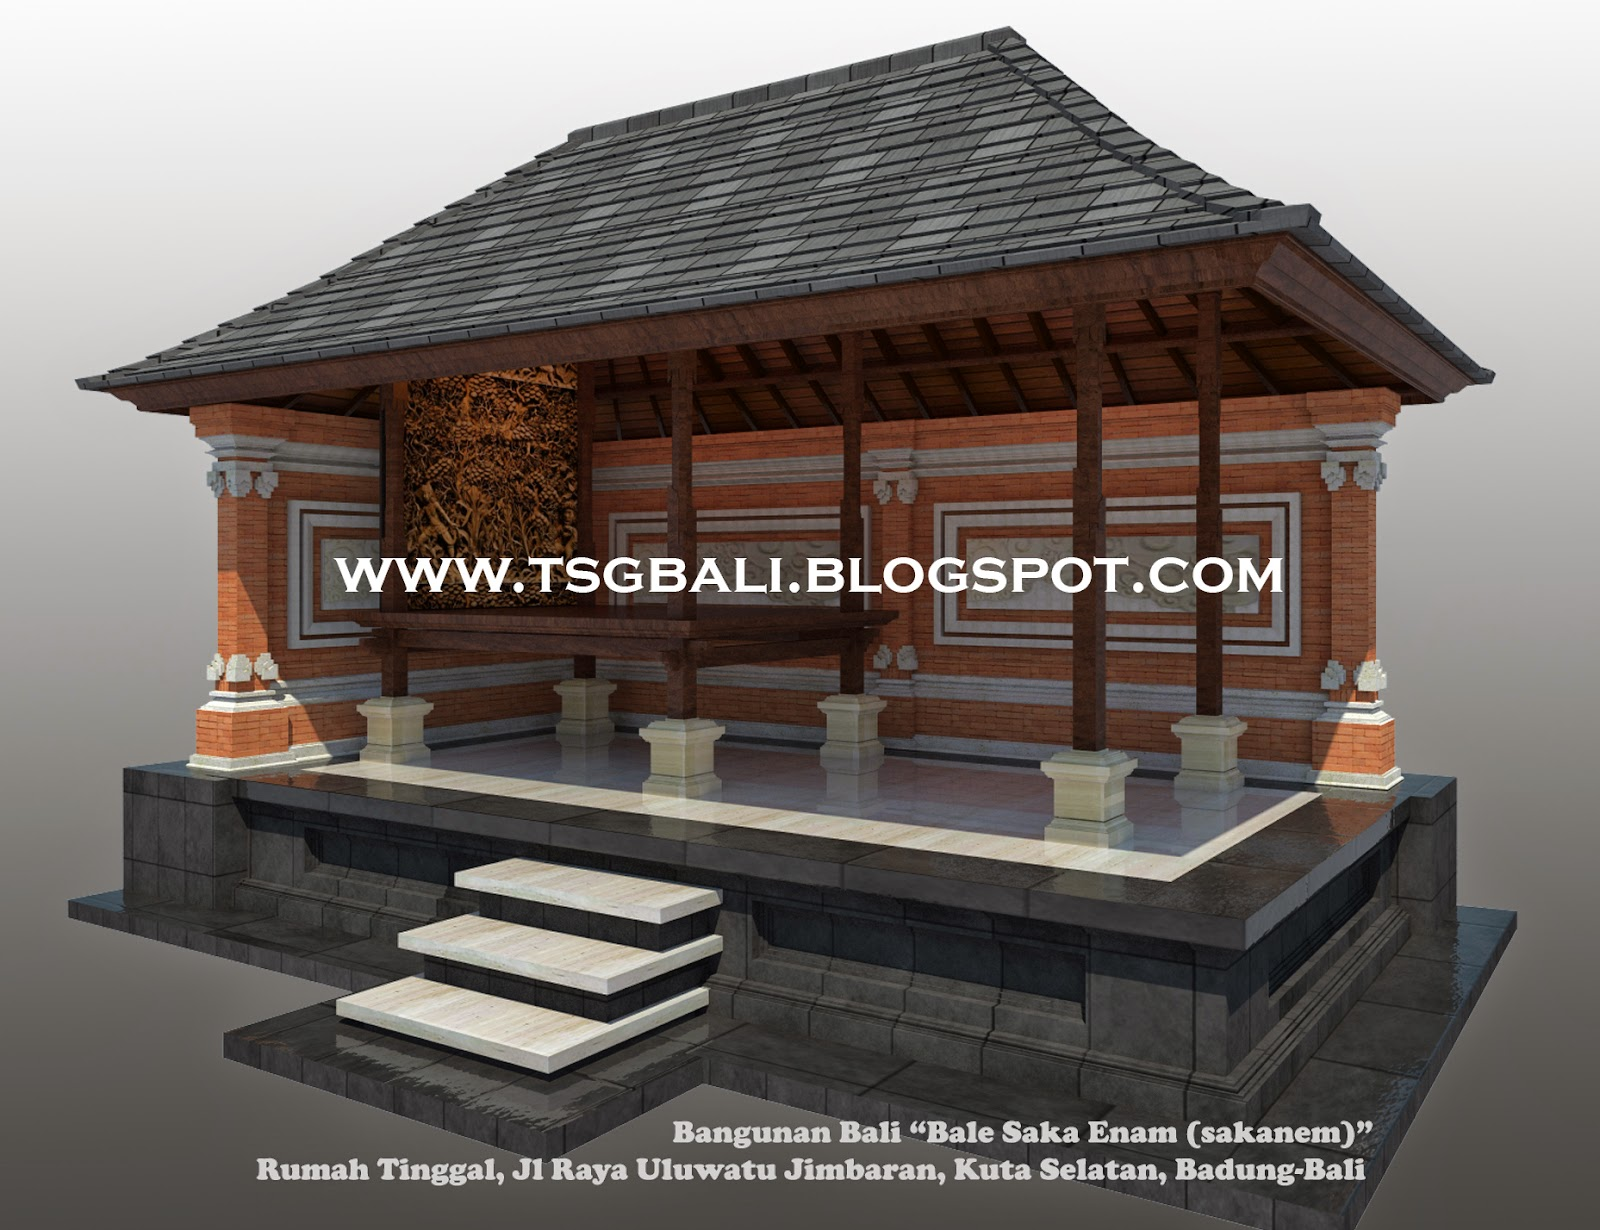 Desain Rumah Bale Bali : Bangunan Sakanem I Arsitektur